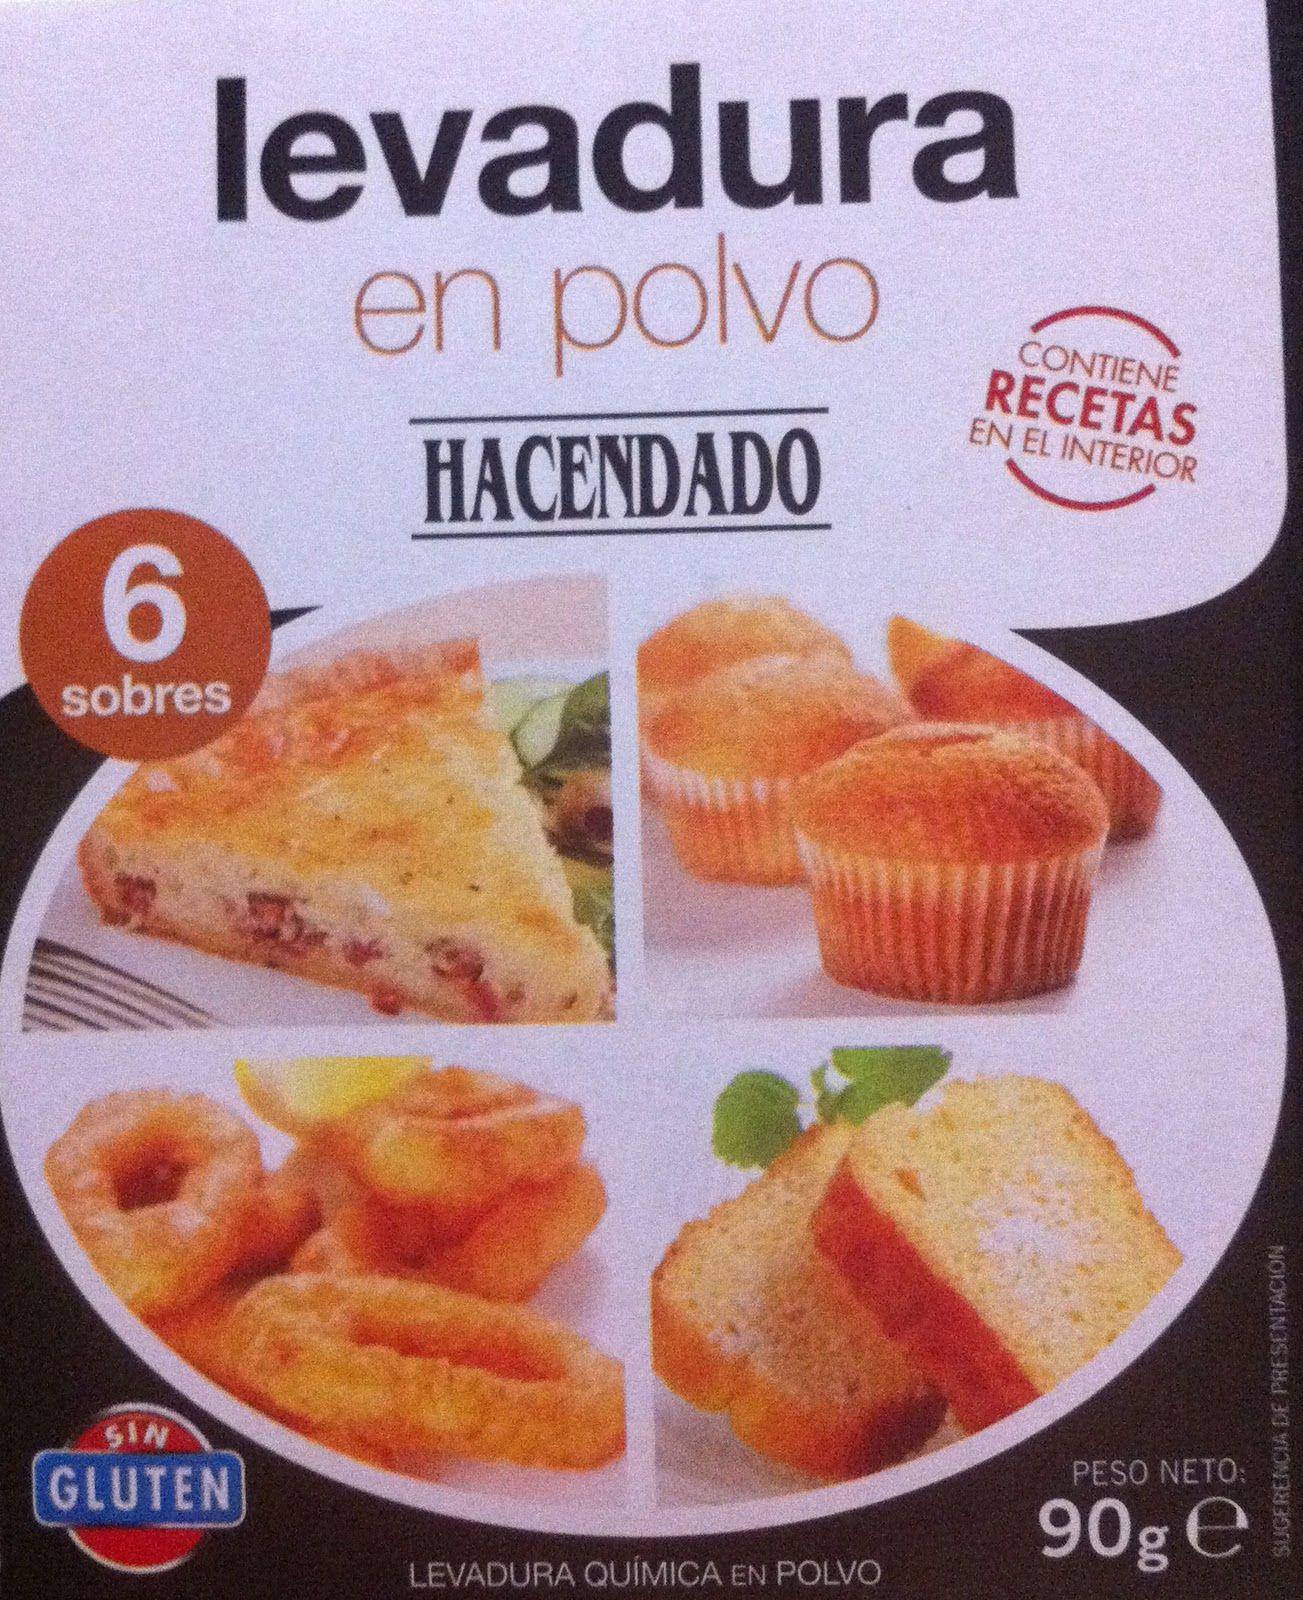 La Cesta Del Celiaco Levaduras Levadura Levadura De Panaderia